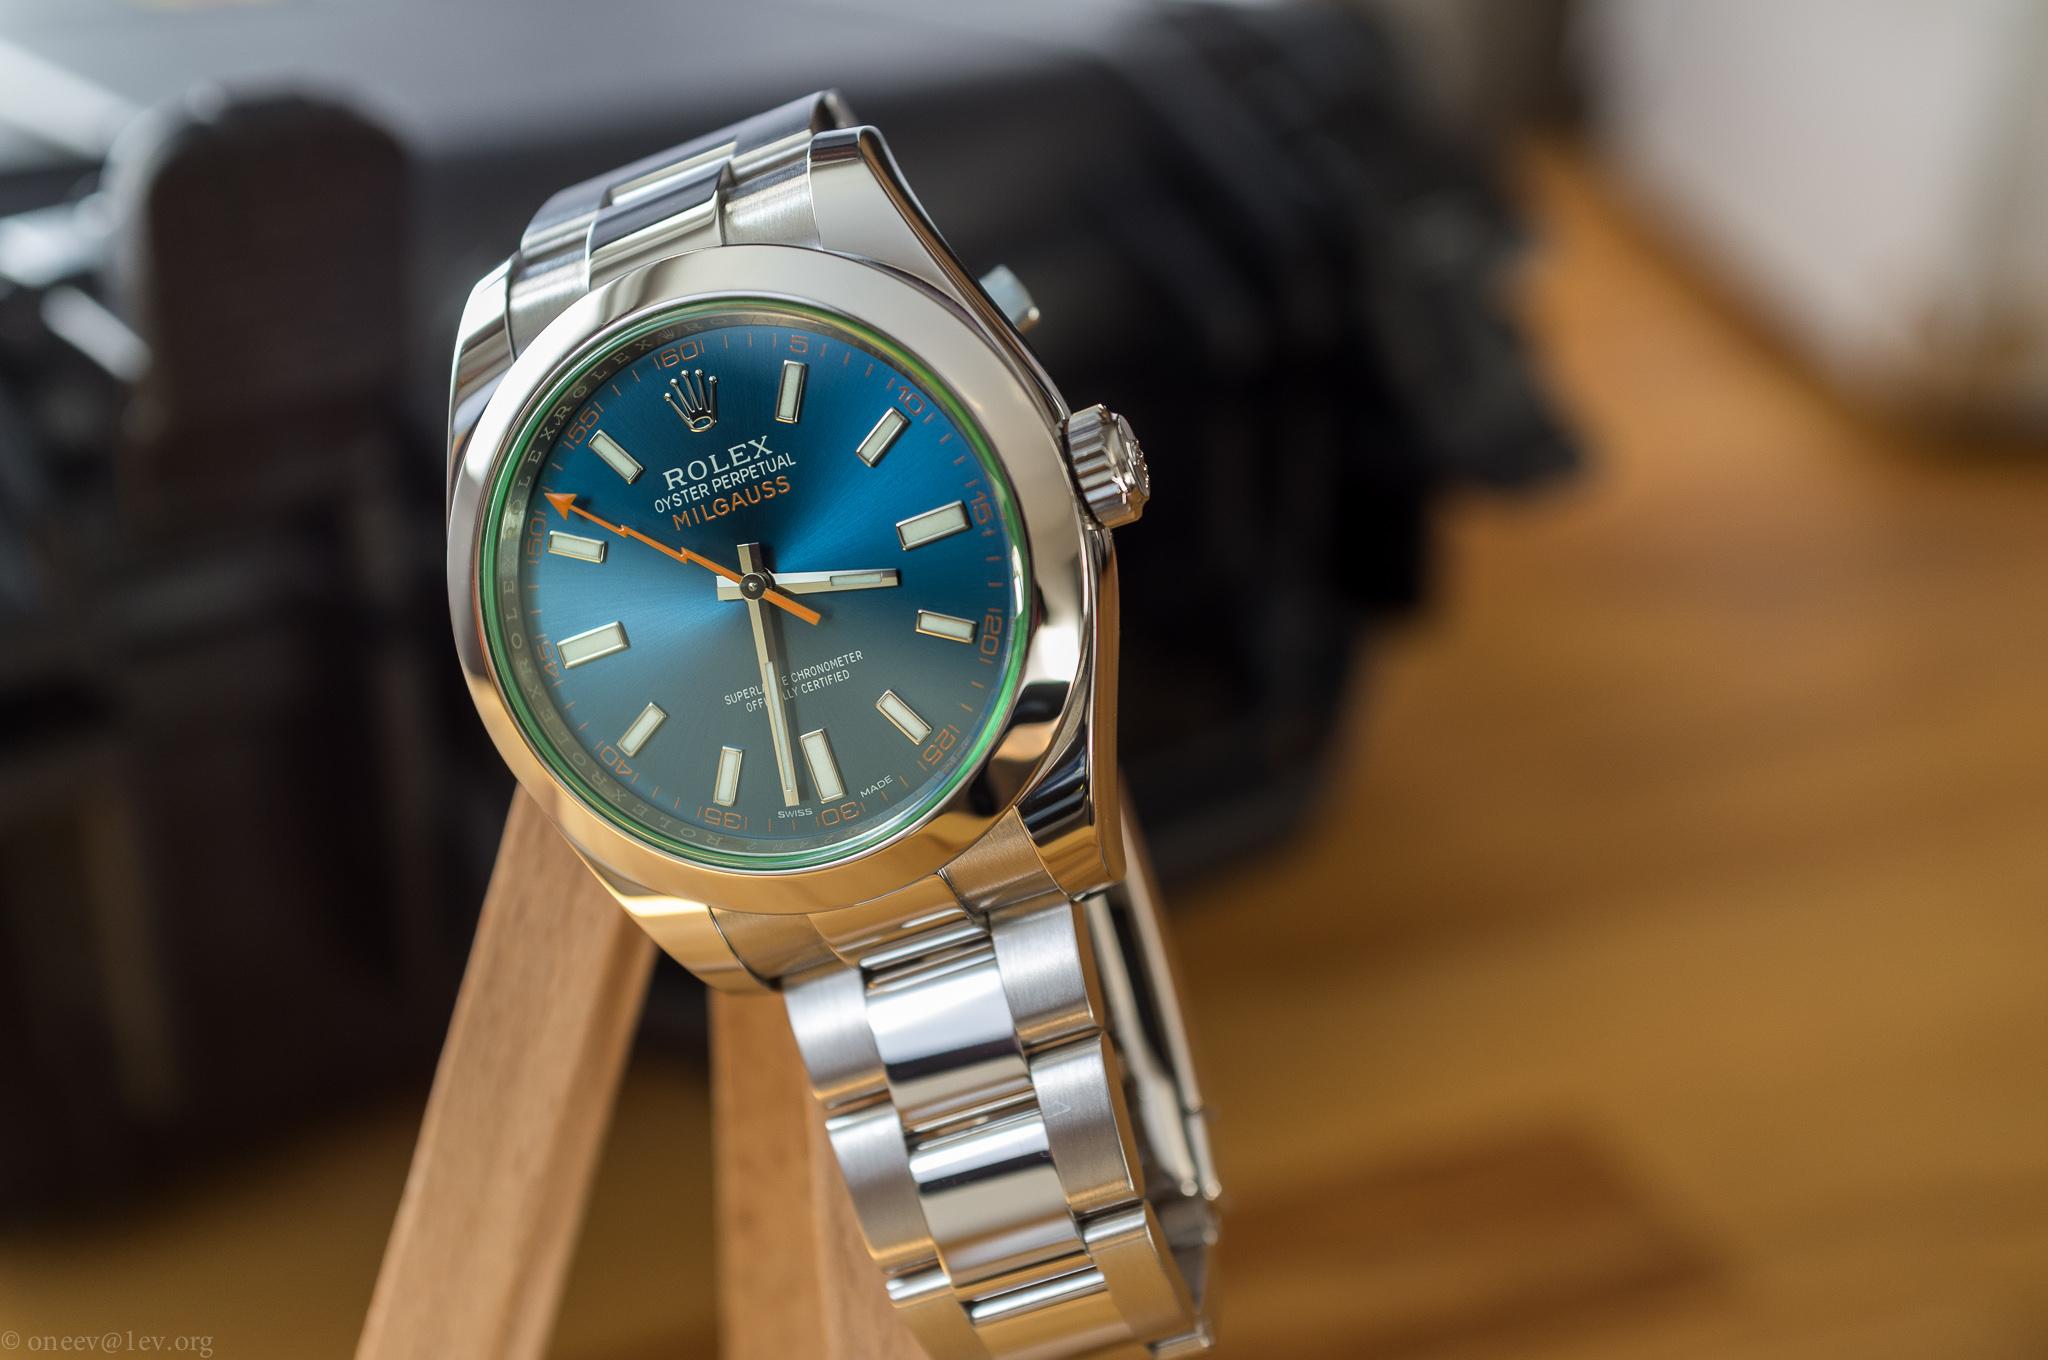 Revue illustrée de la Rolex Milgauss Z-Blue 20150208-DSCF5960